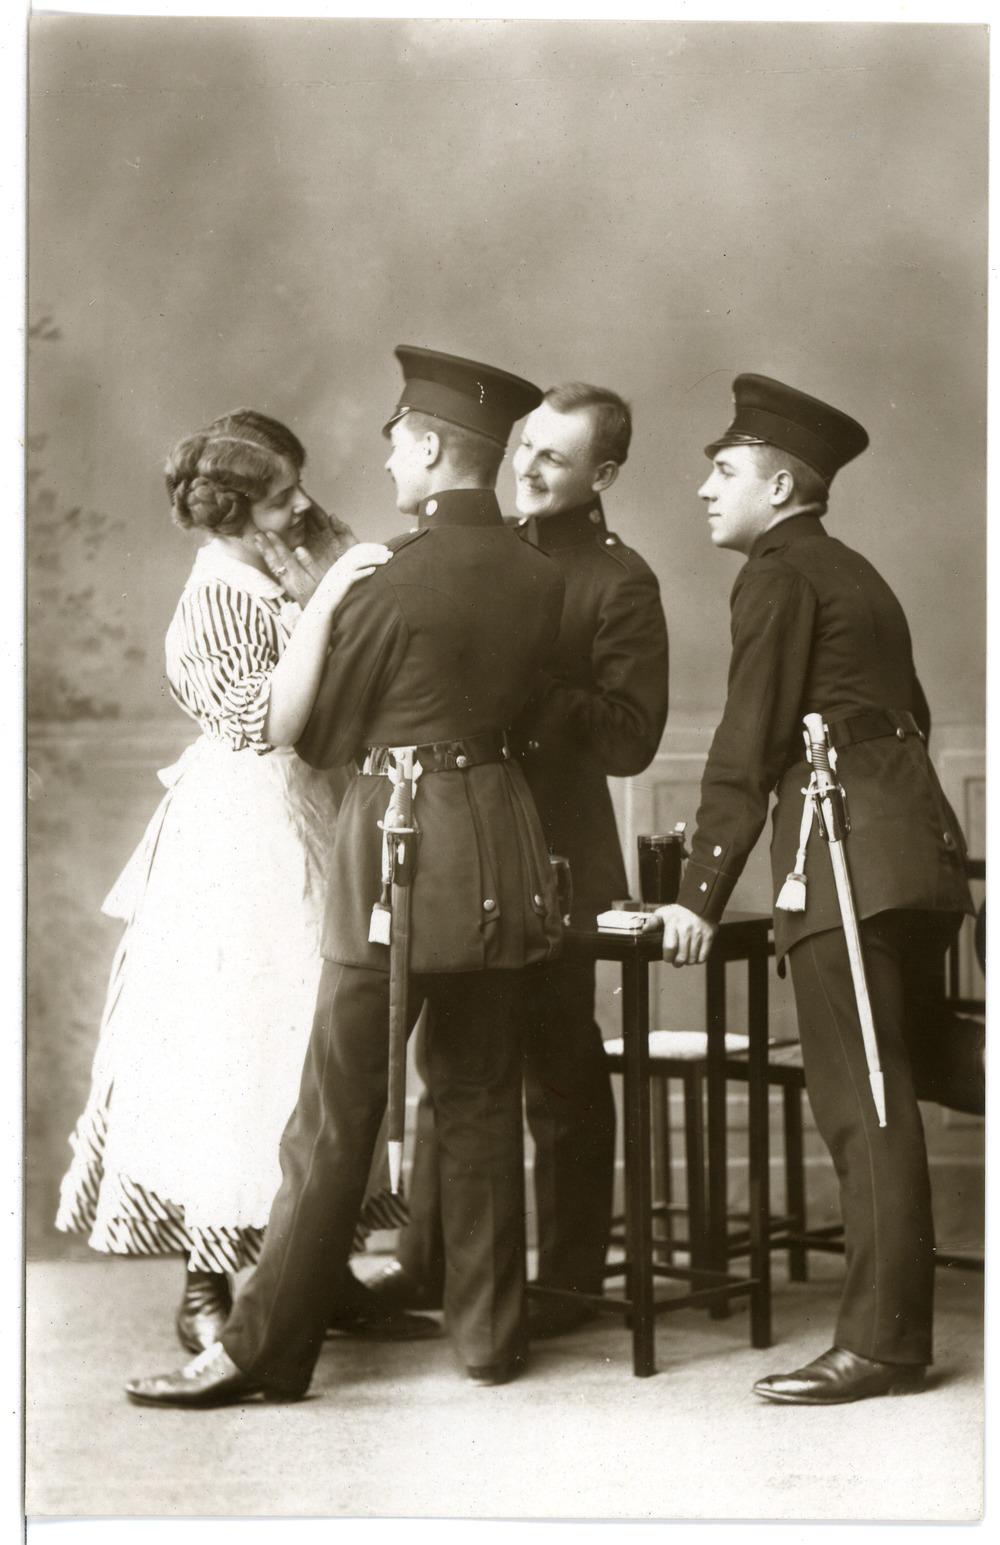 16031-Meißen-1913-Schützen Im Wirtshaus-Brück & Sohn Kunstverlag.jpg